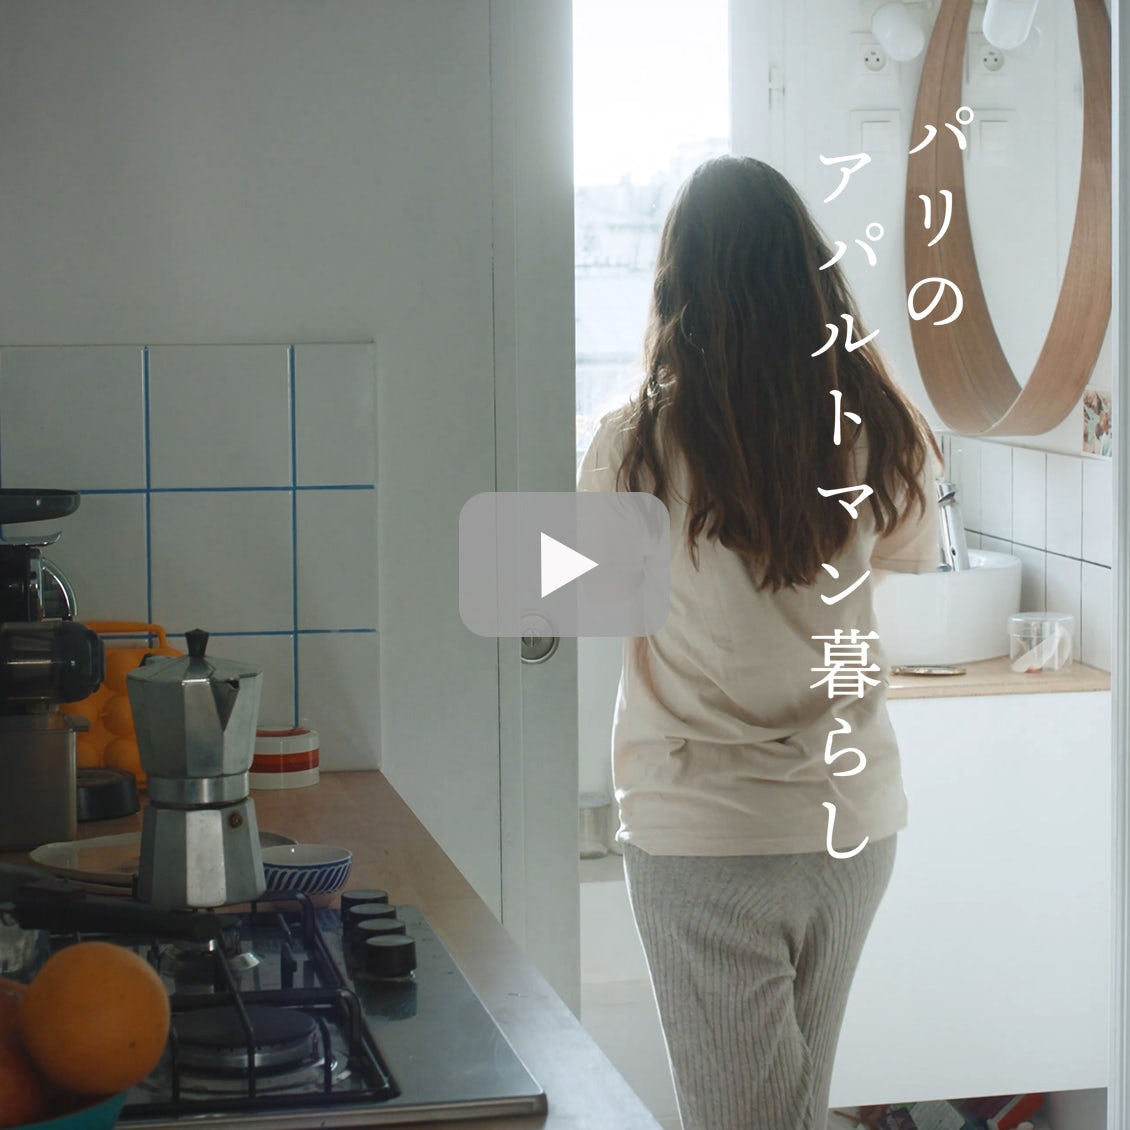 【映像特別版】朝に弱いクロエさんの気分を上げていく習慣。